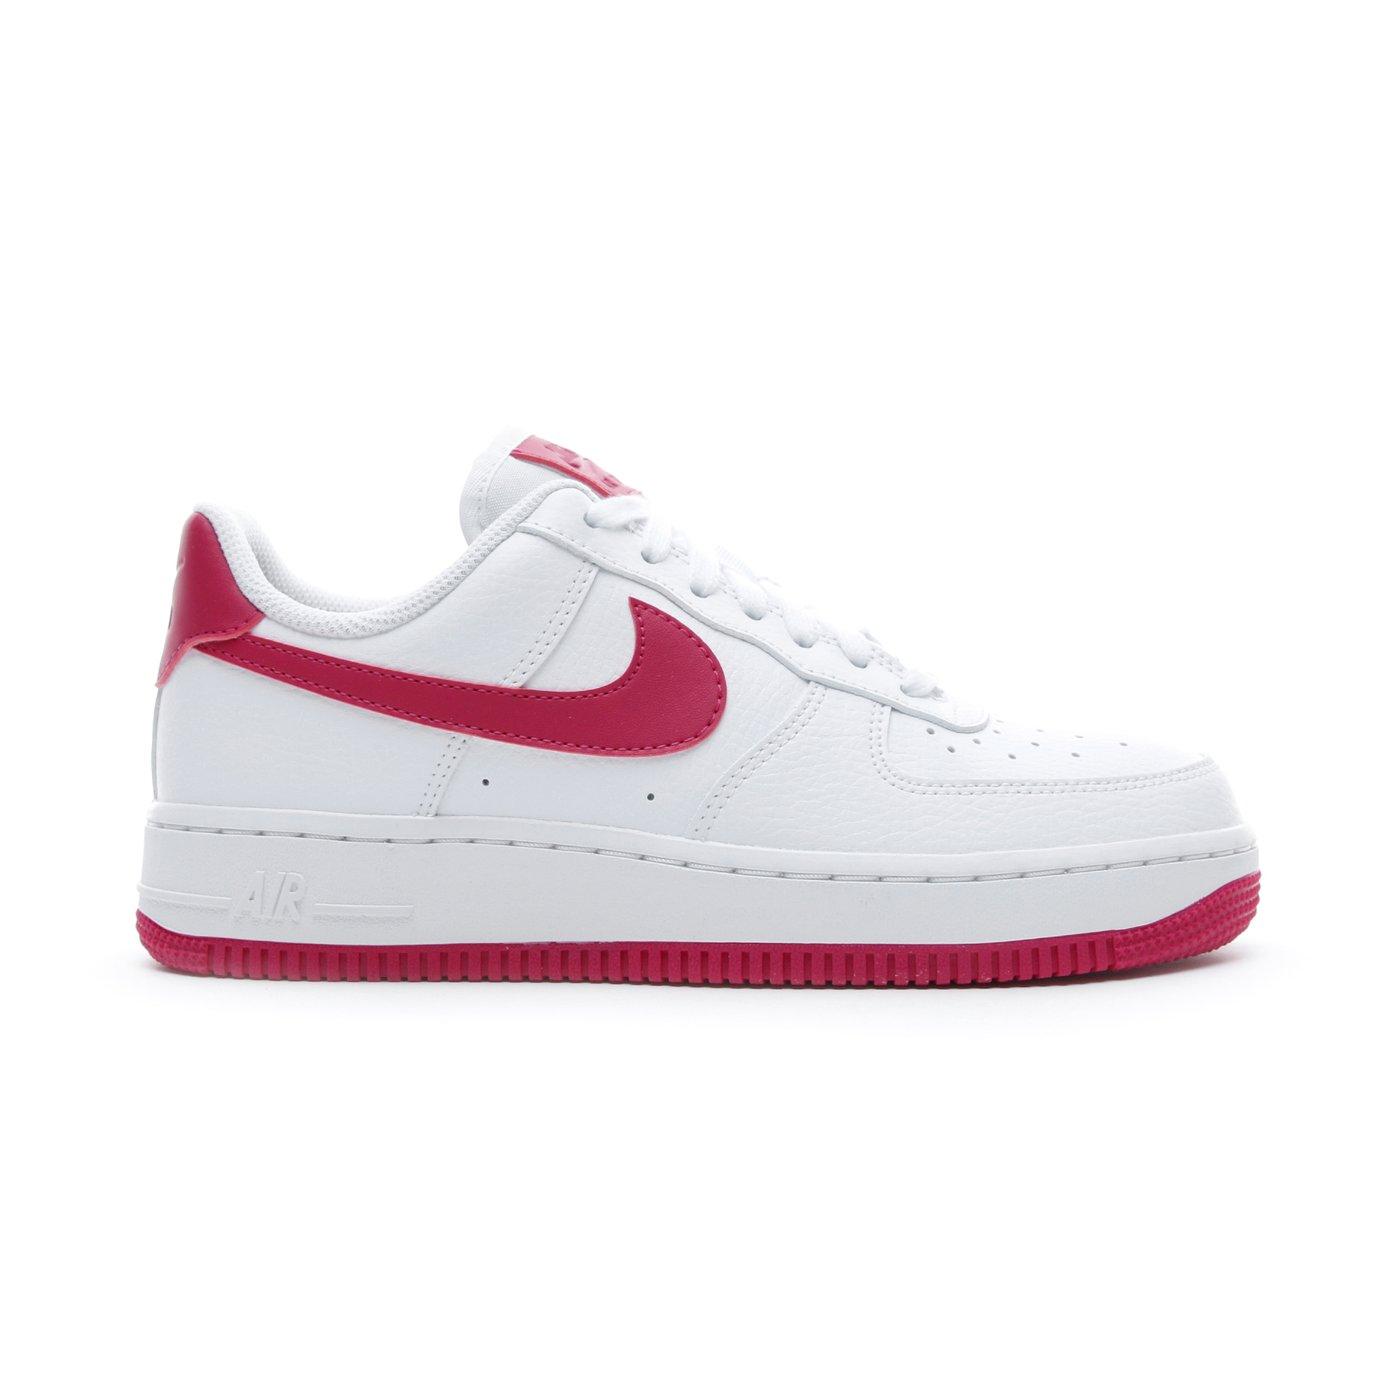 Nike Air Force 1 '07 Beyaz - Kırmızı Kadın Spor Ayakkabı